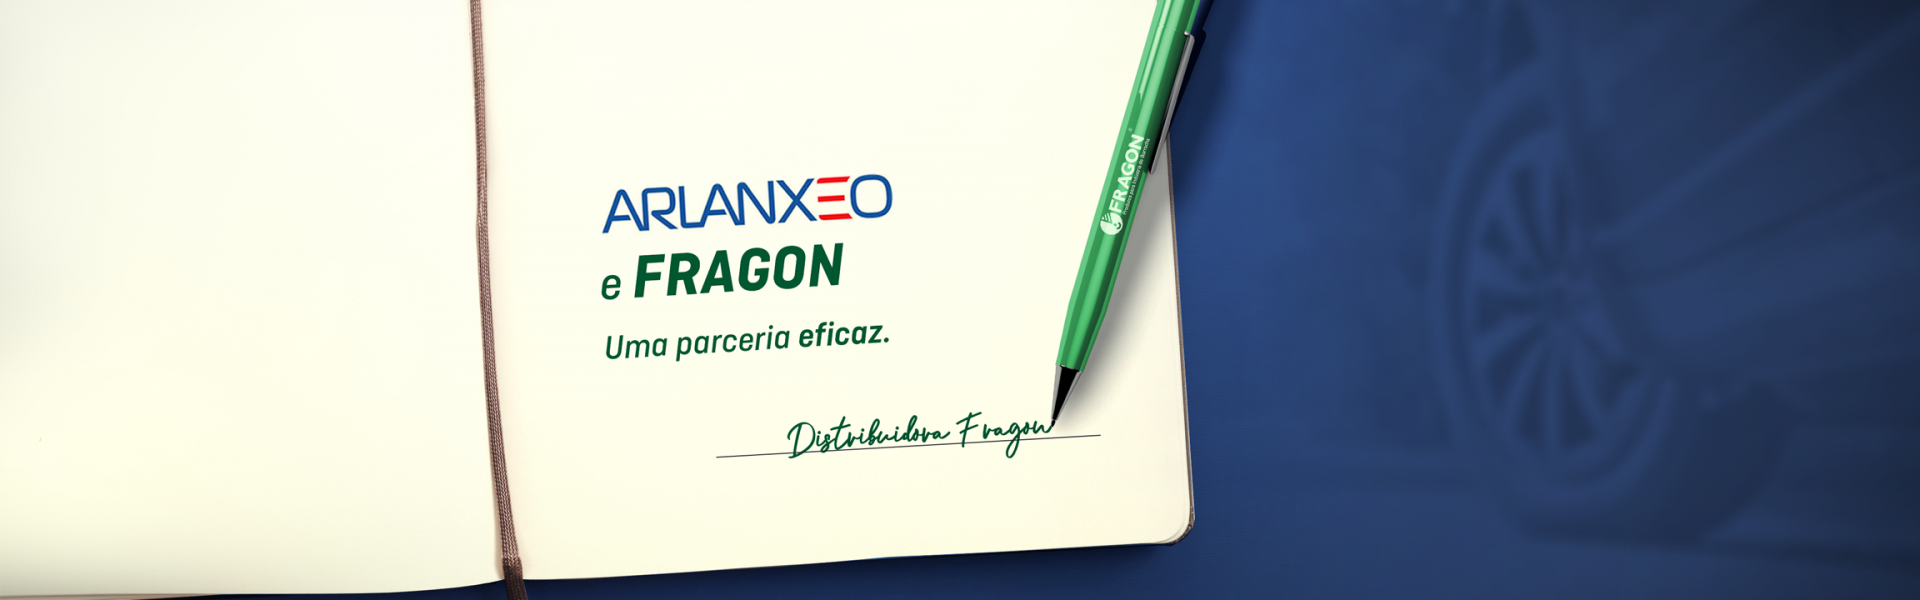 ARLANXEO e Fragon. Uma parceria eficaz.